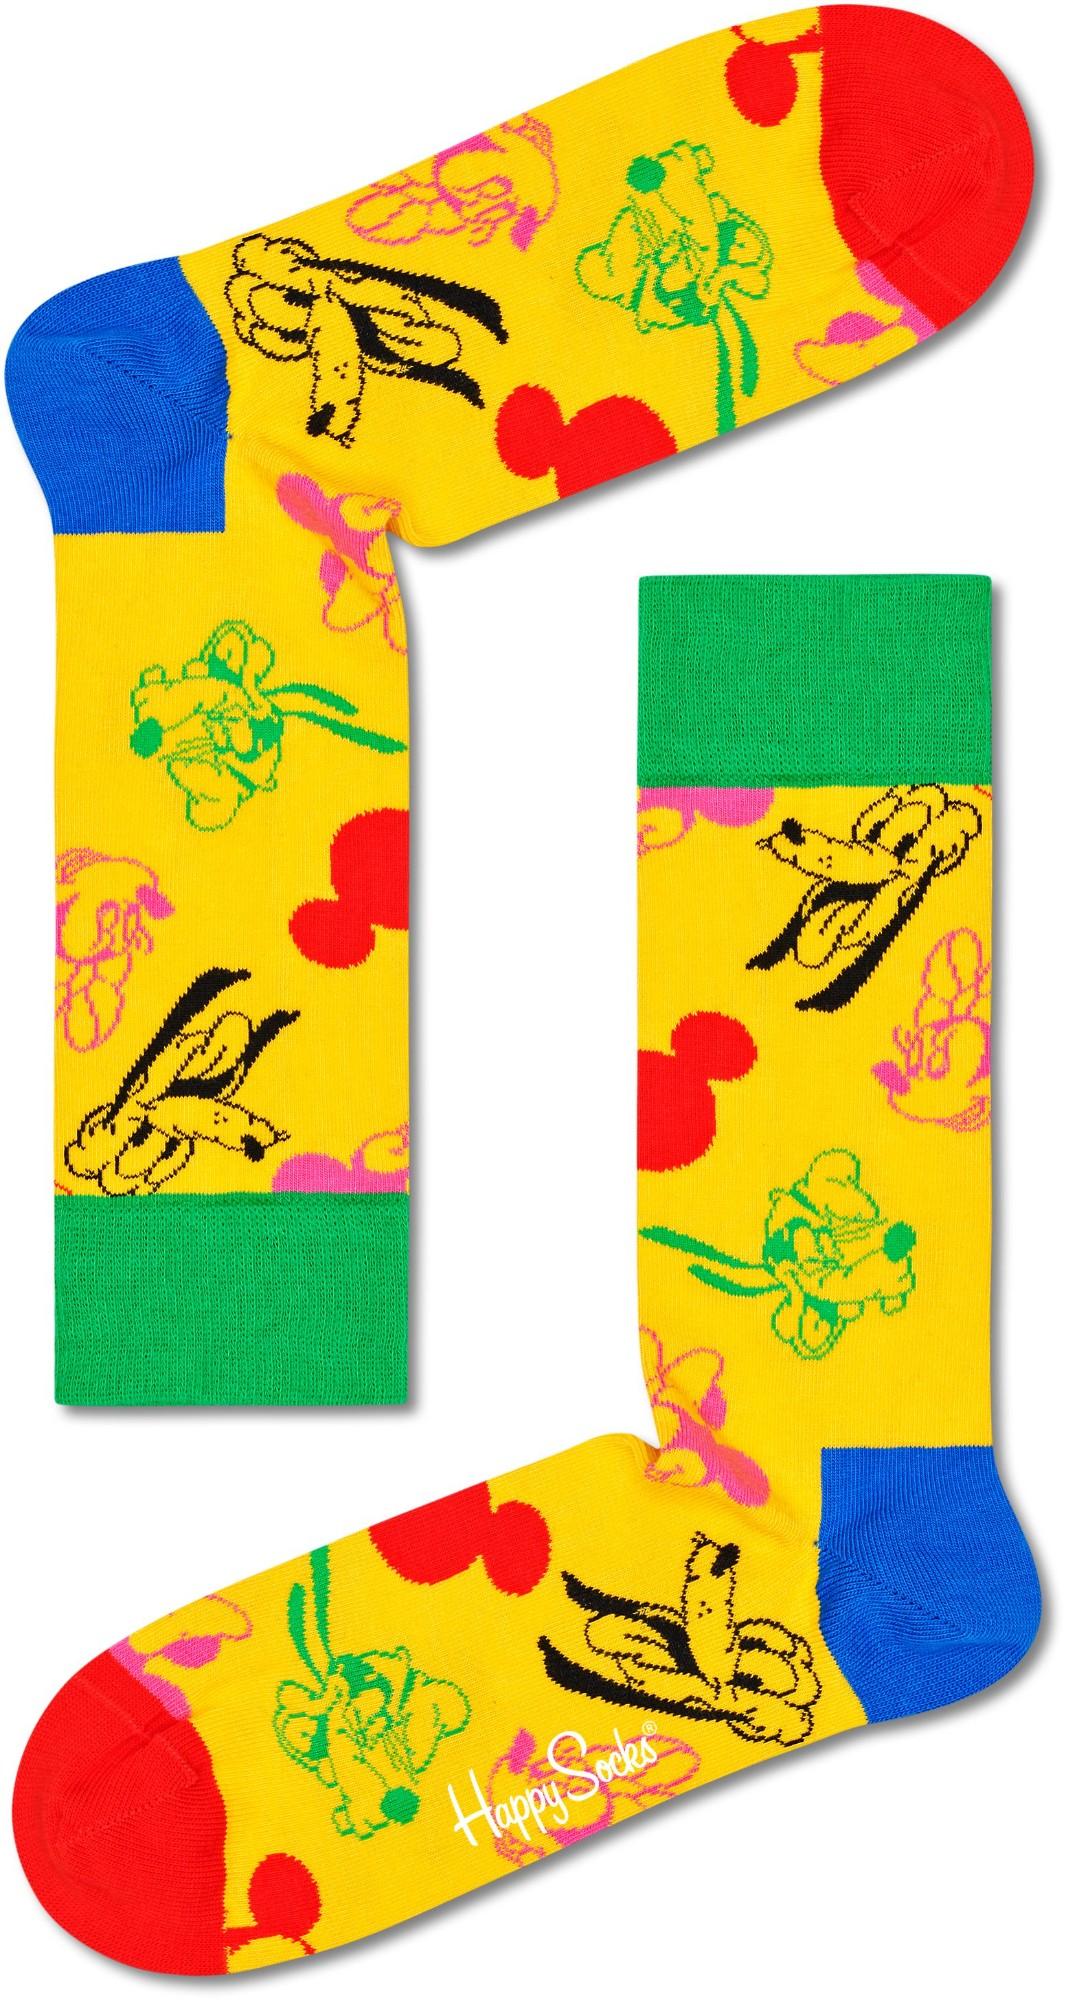 Happy Socks All Smiles Multi 2201 41-46